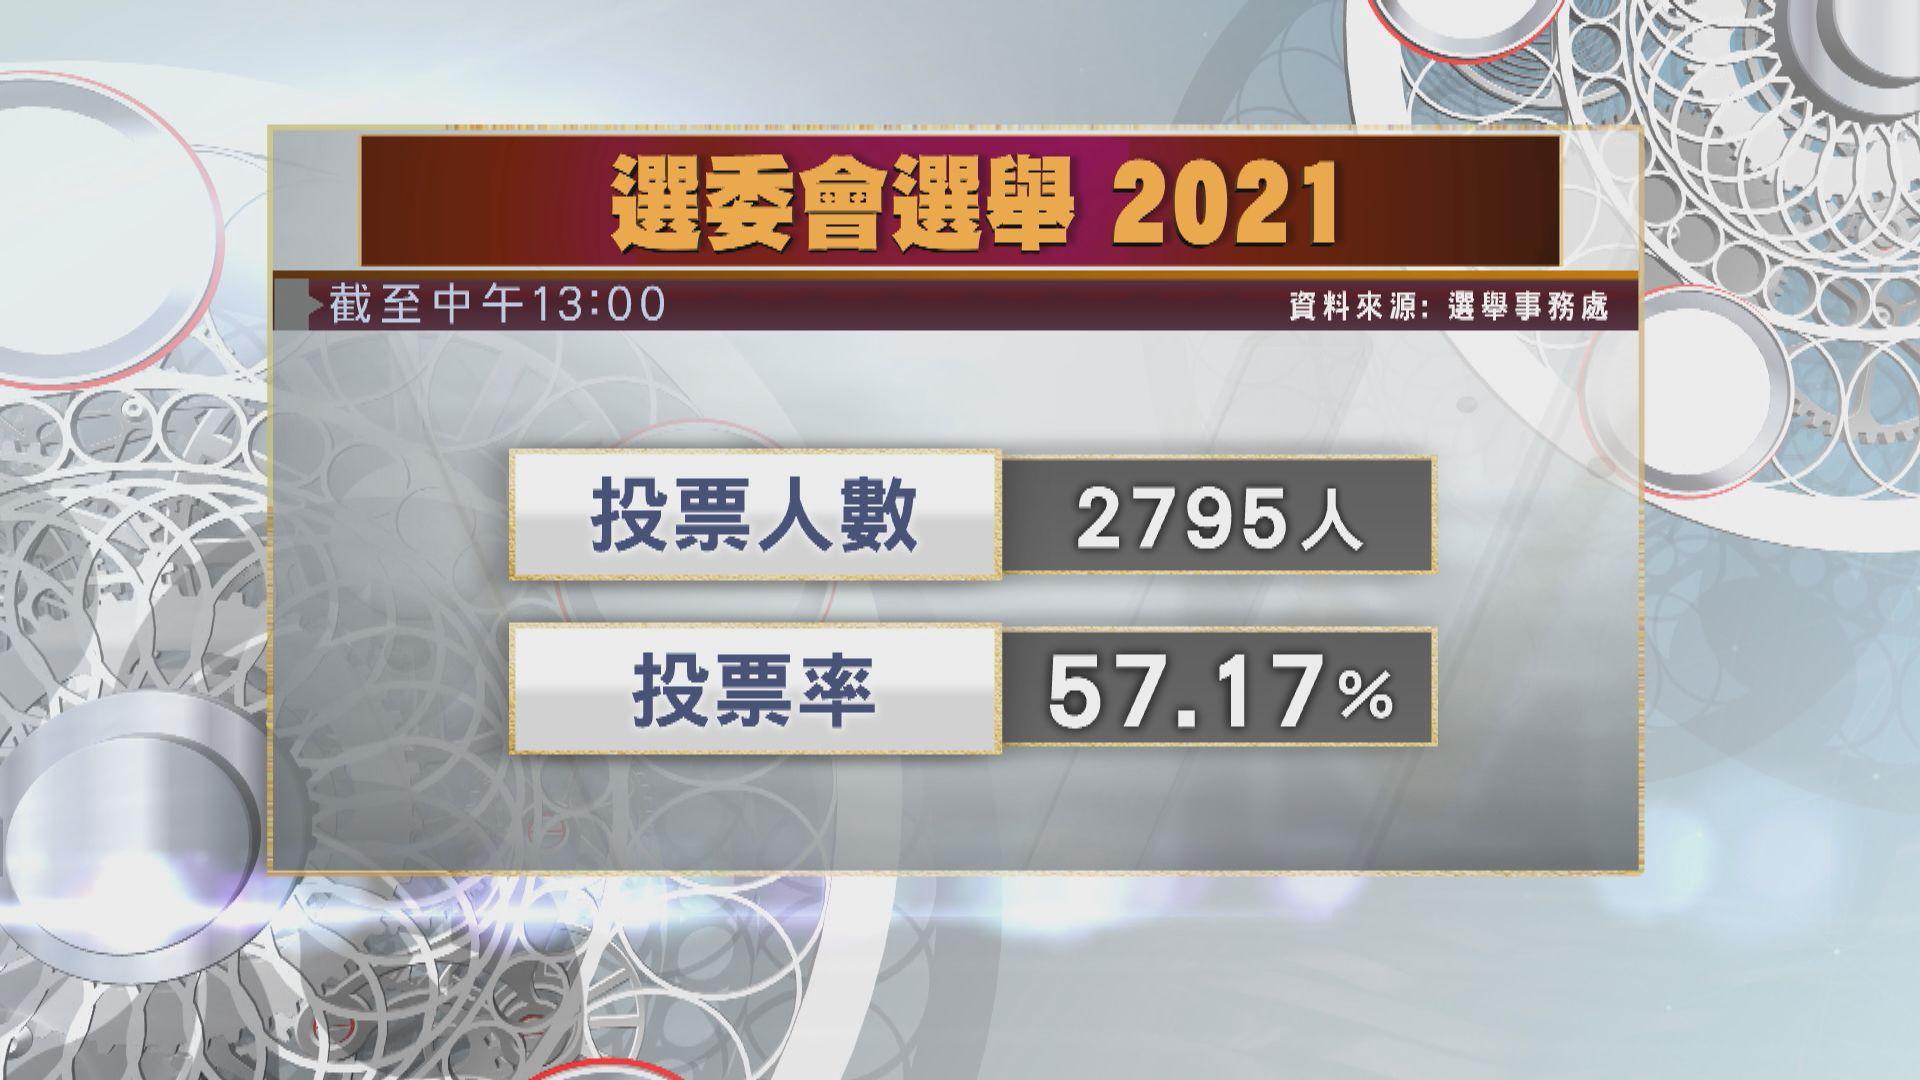 【選委會選舉】截至下午1時投票率57.17%